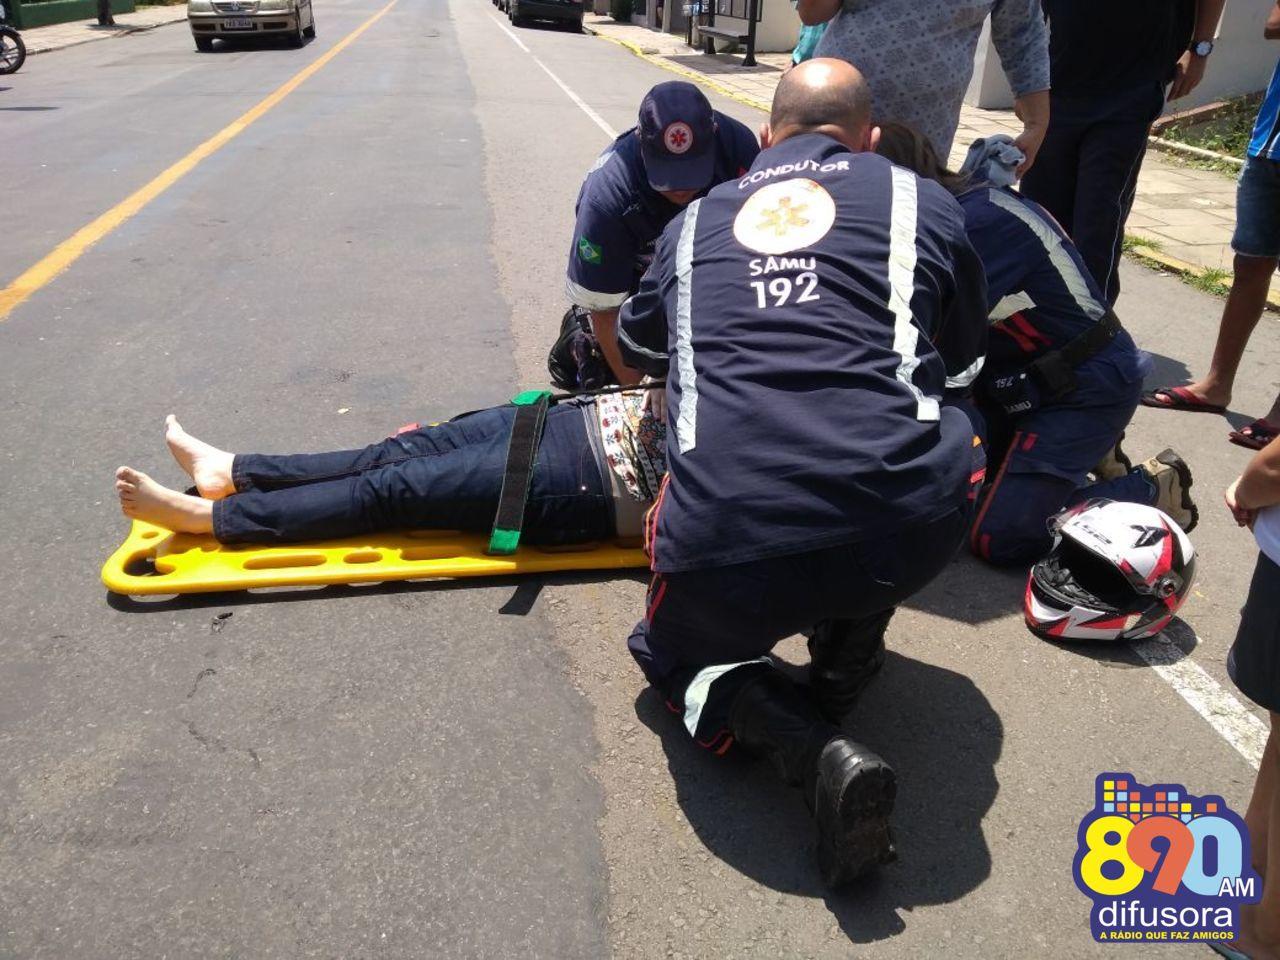 Motociclista fica ferida ao sofrer queda no bairro Progresso em Bento